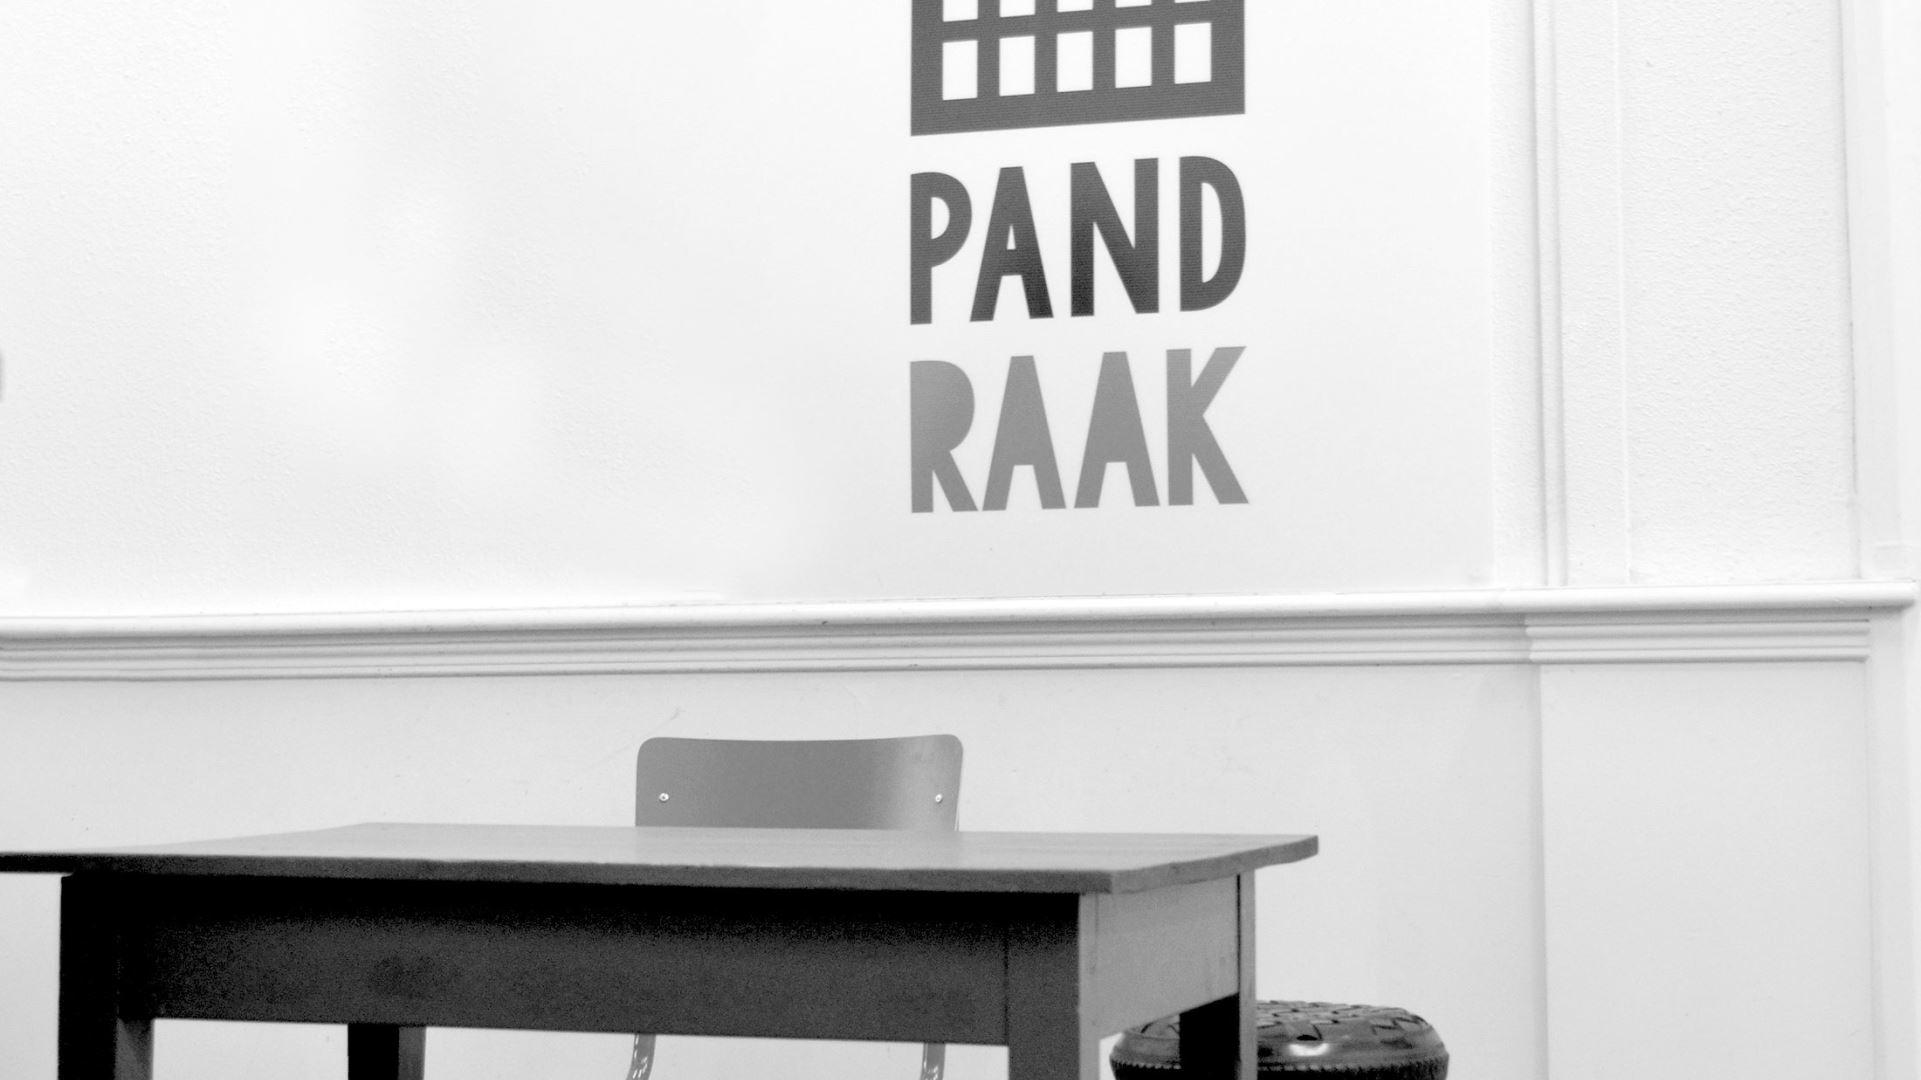 Hoe kom ik bij Pand Raak met het openbaar vervoer?